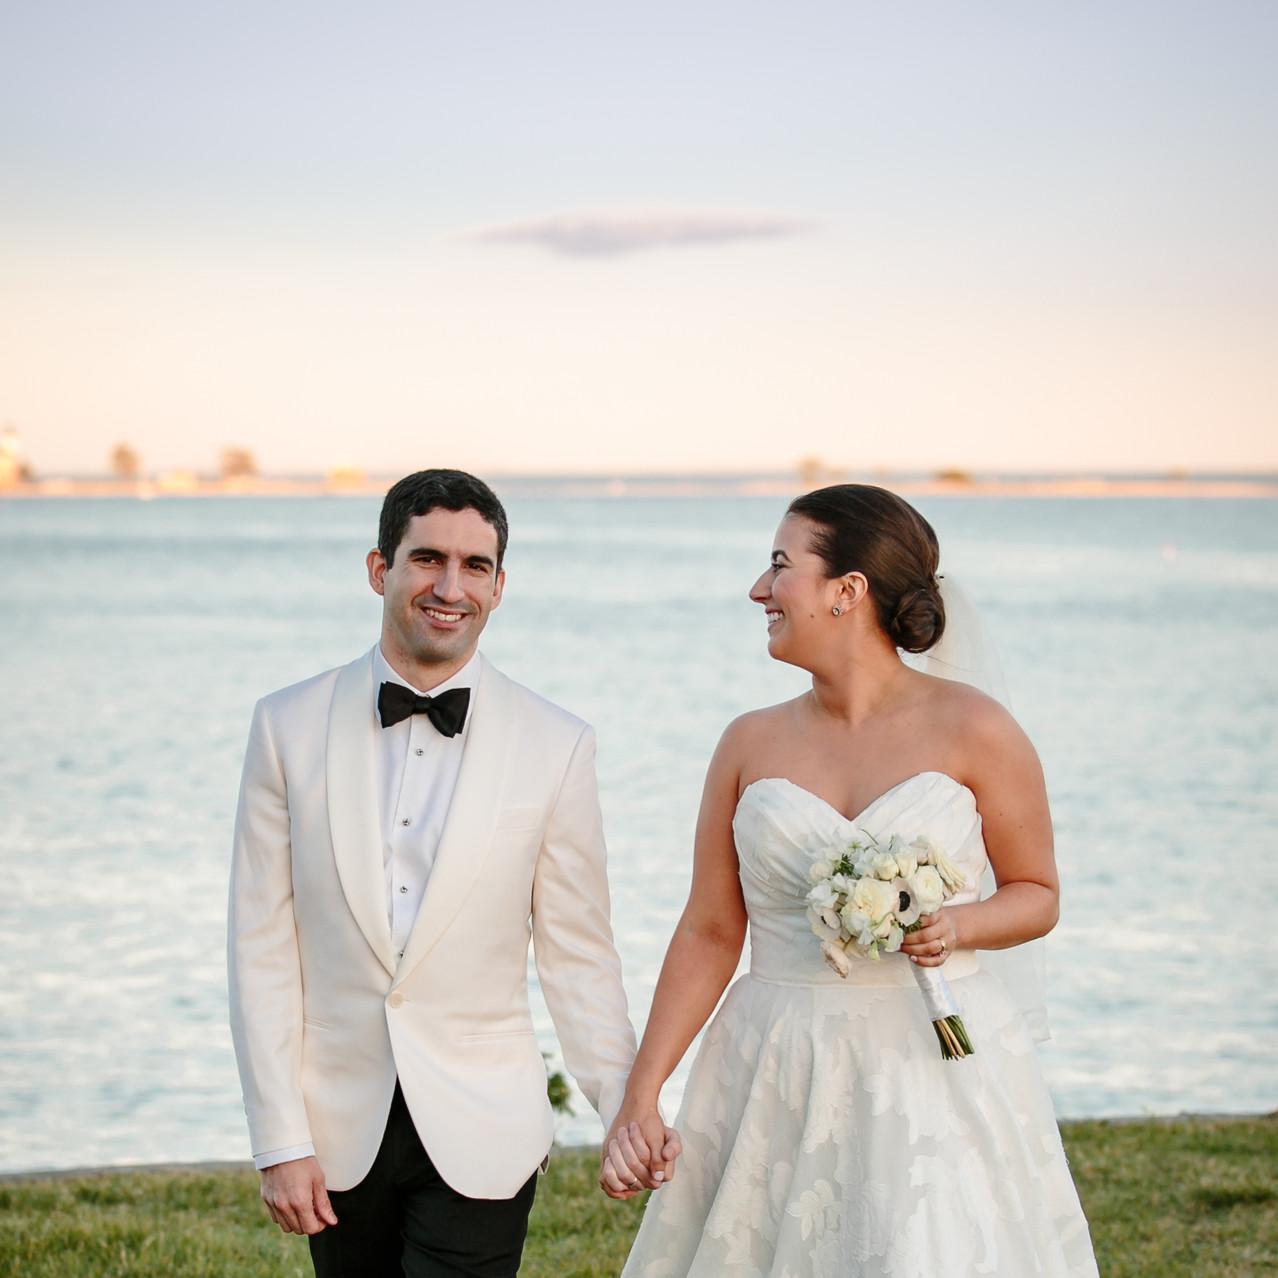 0356_Claudine_and_Eugenio's_Wedding_phot